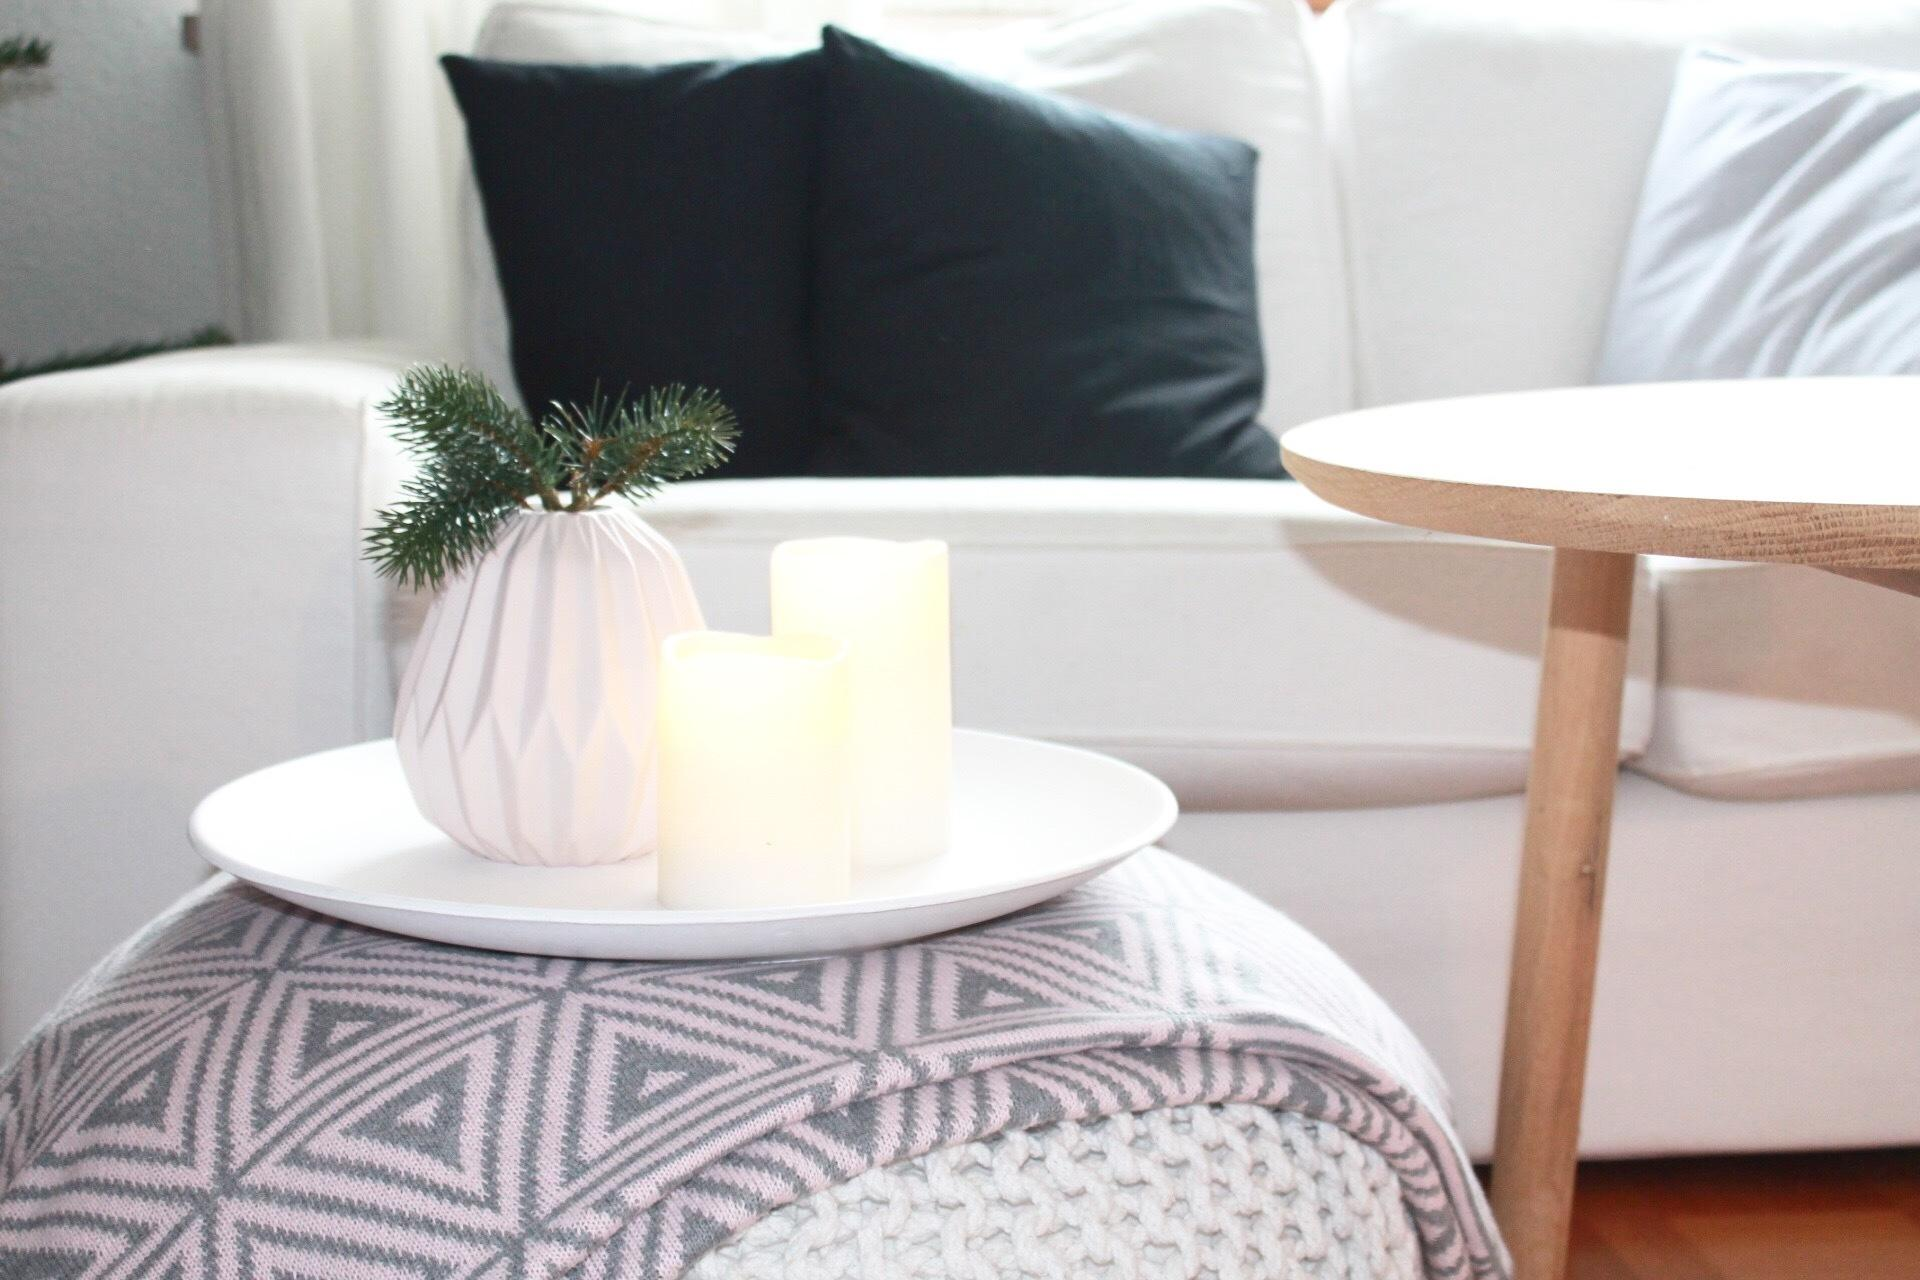 Feiertag Mit Den Liebsten Im Warmen Wohnzimmer Diy Kissen Ikea Sofa